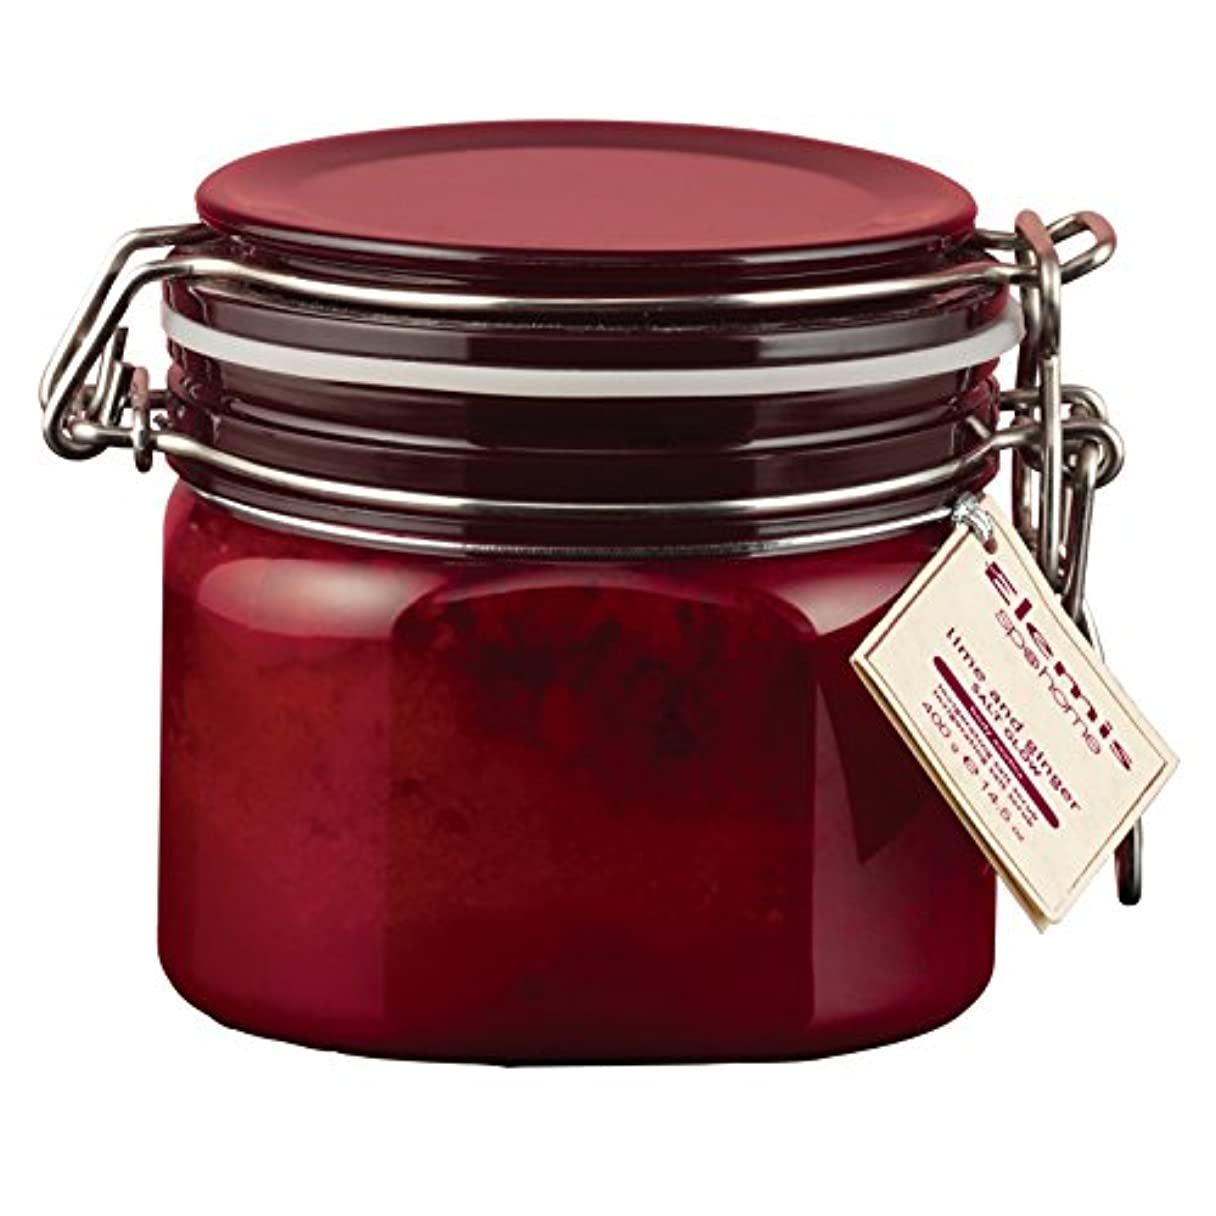 オプション講堂測るエレミスライムとジンジャーソルトグロー410グラム (Elemis) (x2) - Elemis Lime and Ginger Salt Glow 410g (Pack of 2) [並行輸入品]